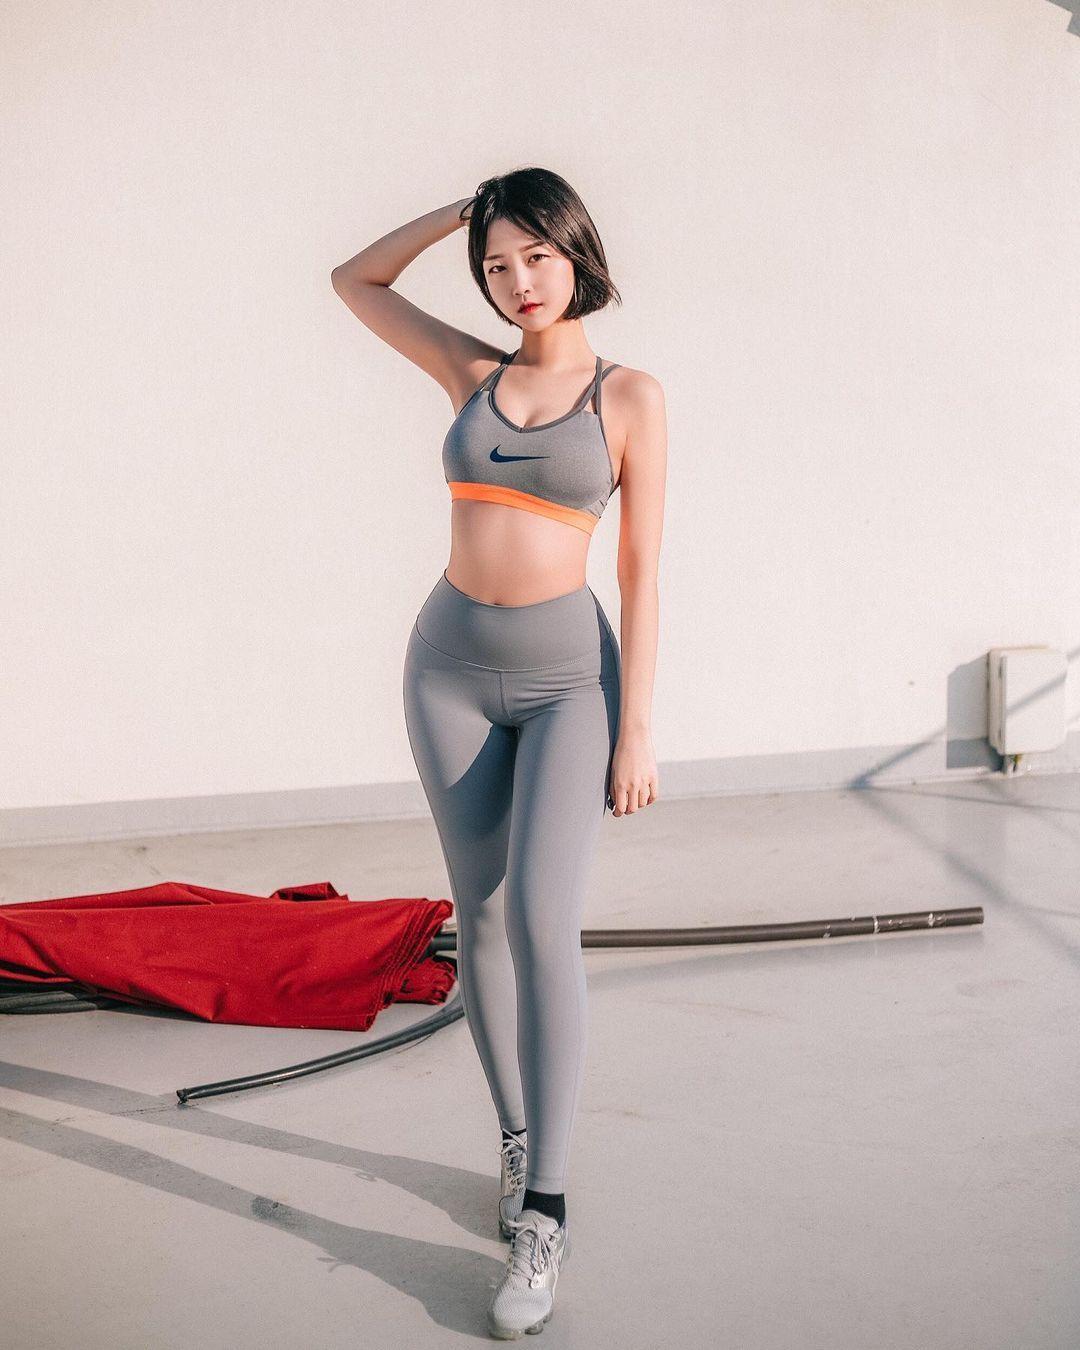 韩国极品模特推荐「Rumi」健身小只马连锁模特儿插图4